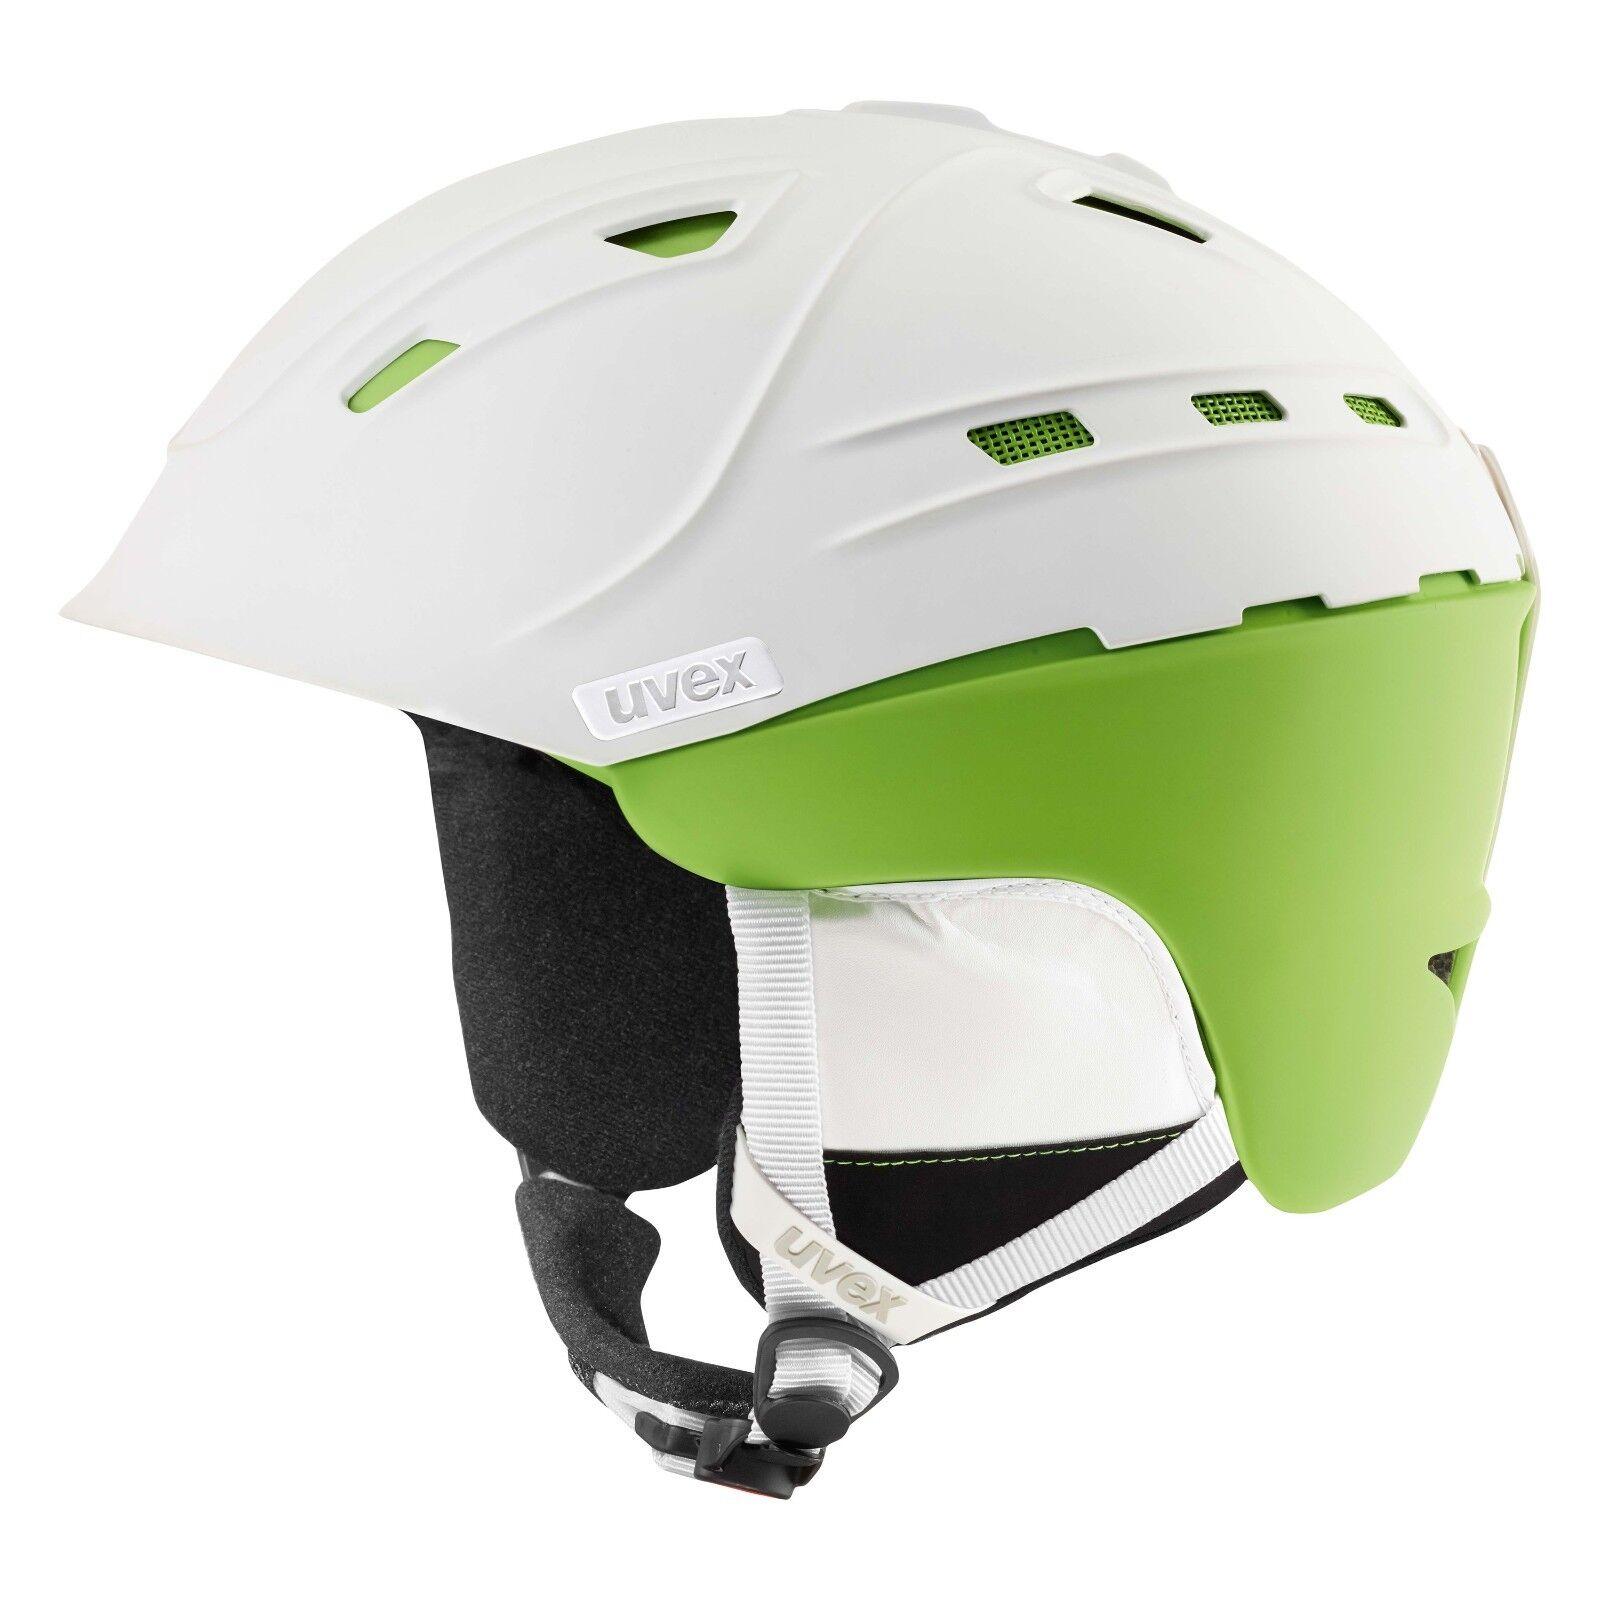 NEW UVEX P2US SKI SNOWBOARD HELMET WHITE GREEN  MATTE 51-55 S, 55-59 M, 59-61 L  healthy